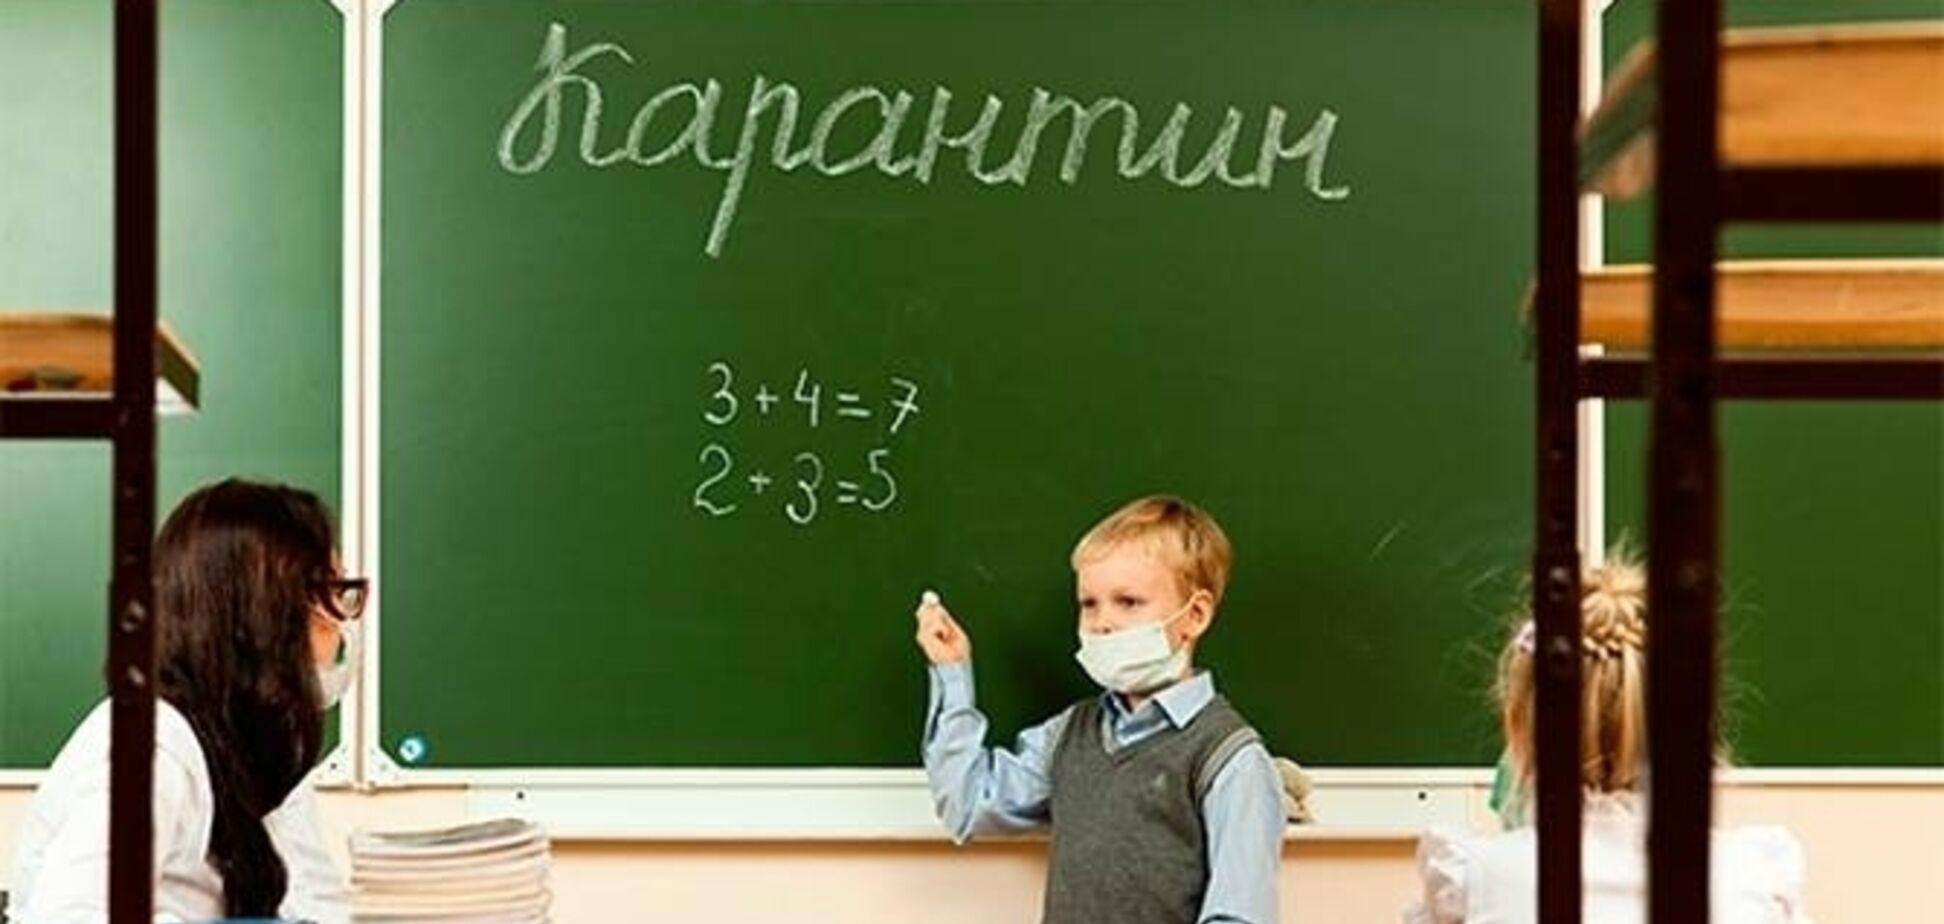 В Украине массово закрывают школы из-за гриппа: в каких регионах объявлен карантин